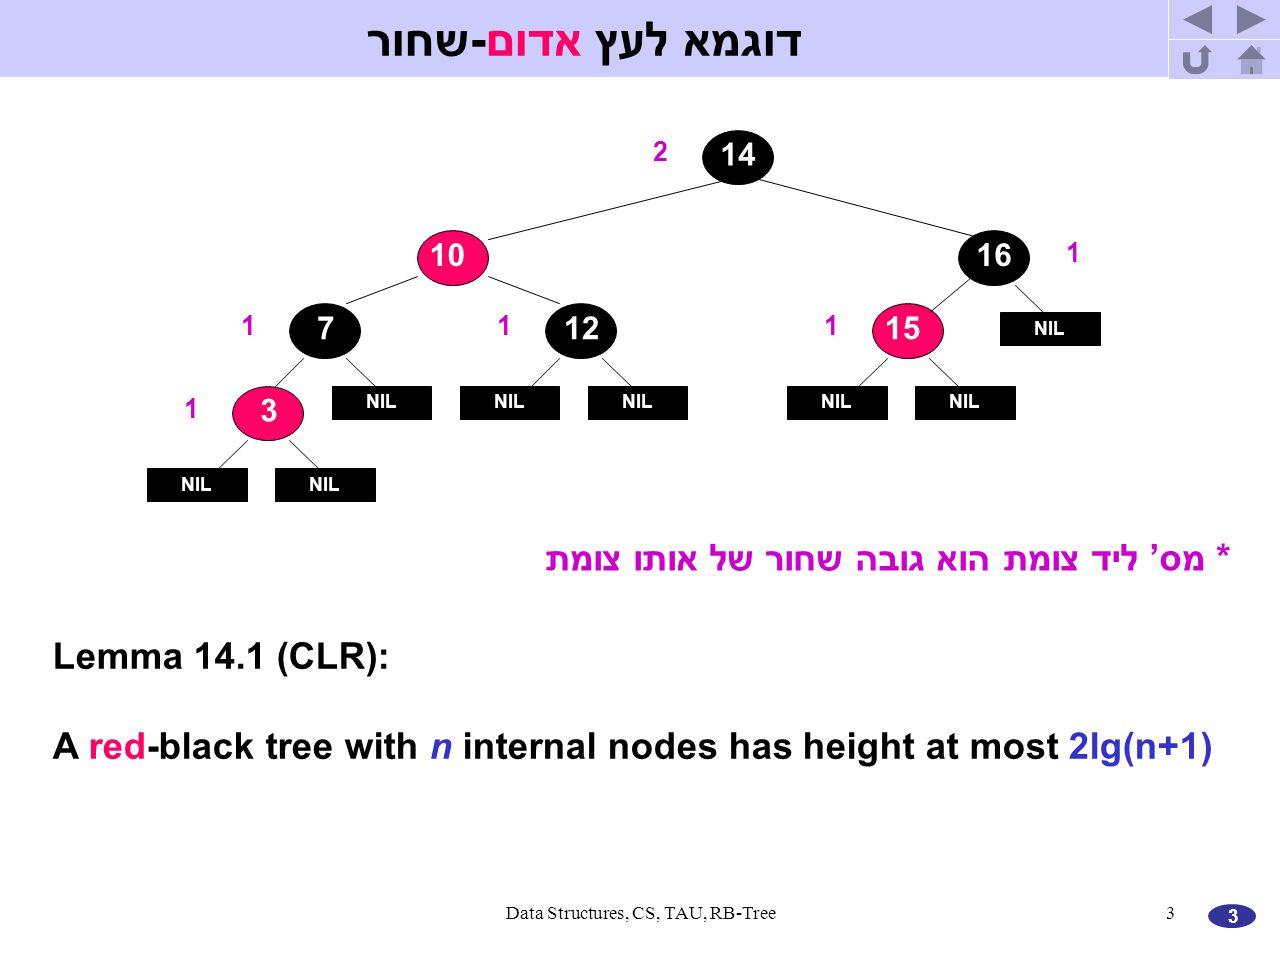 3 Data Structures, CS, TAU, RB-Tree3 * מס' ליד צומת הוא גובה שחור של אותו צומת NIL 3 77 10 NIL 71215 NIL 716 NIL 714 2 11 1 1 1 Lemma 14.1 (CLR): A red-black tree with n internal nodes has height at most 2lg(n+1) דוגמא לעץ אדום-שחור